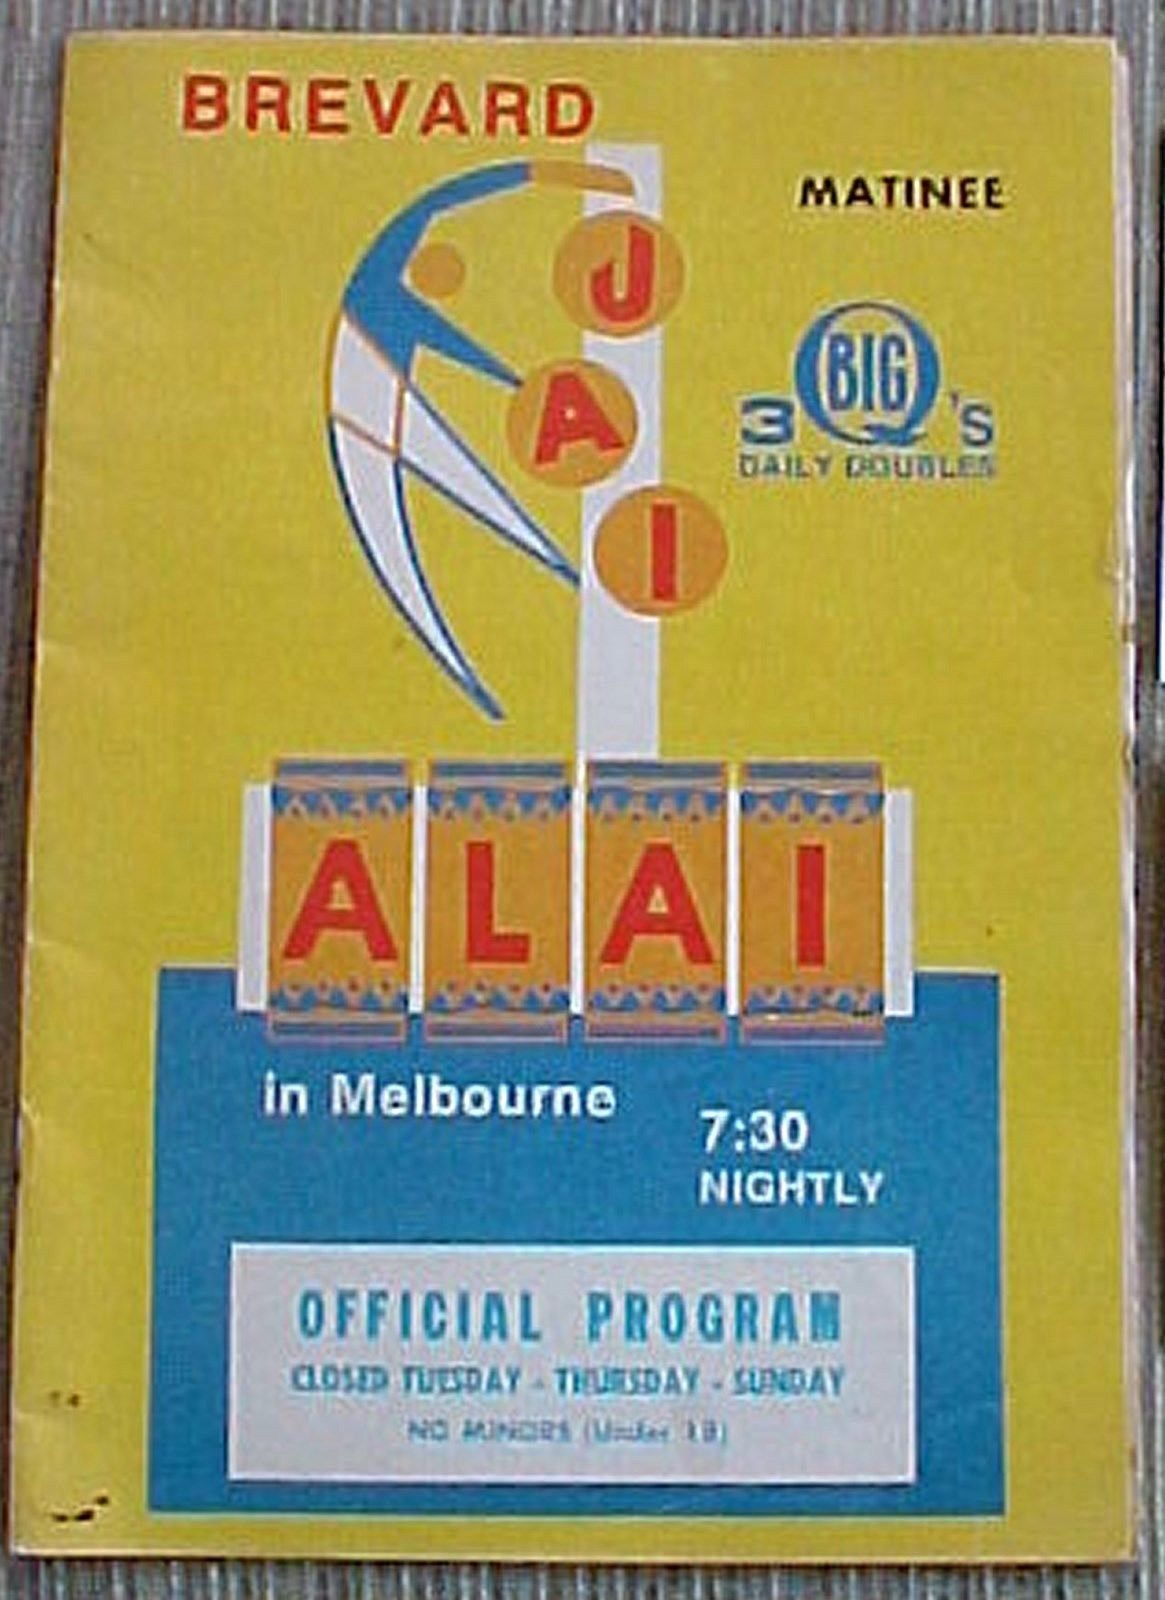 BREVARD JAI ALAI PROGRAM IN MELBOURNE FLORIDA 1974 eBay